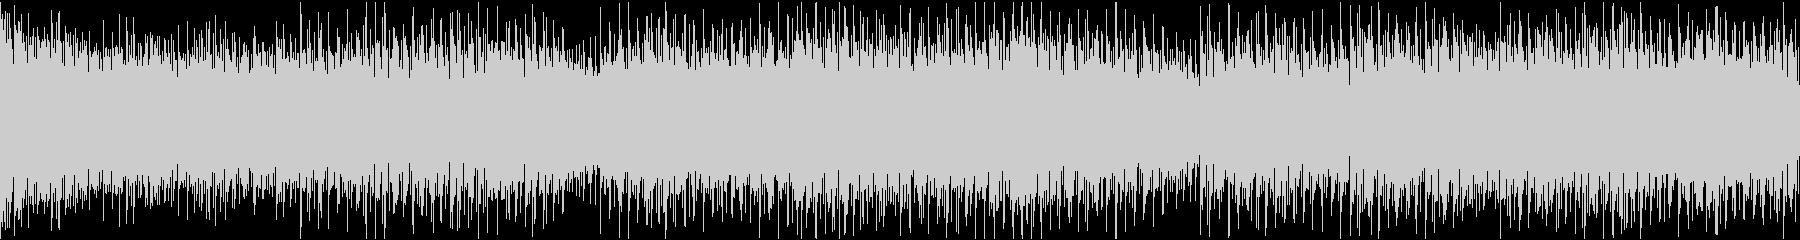 無限ループ仕様・ニュース向け汎用BGMの未再生の波形